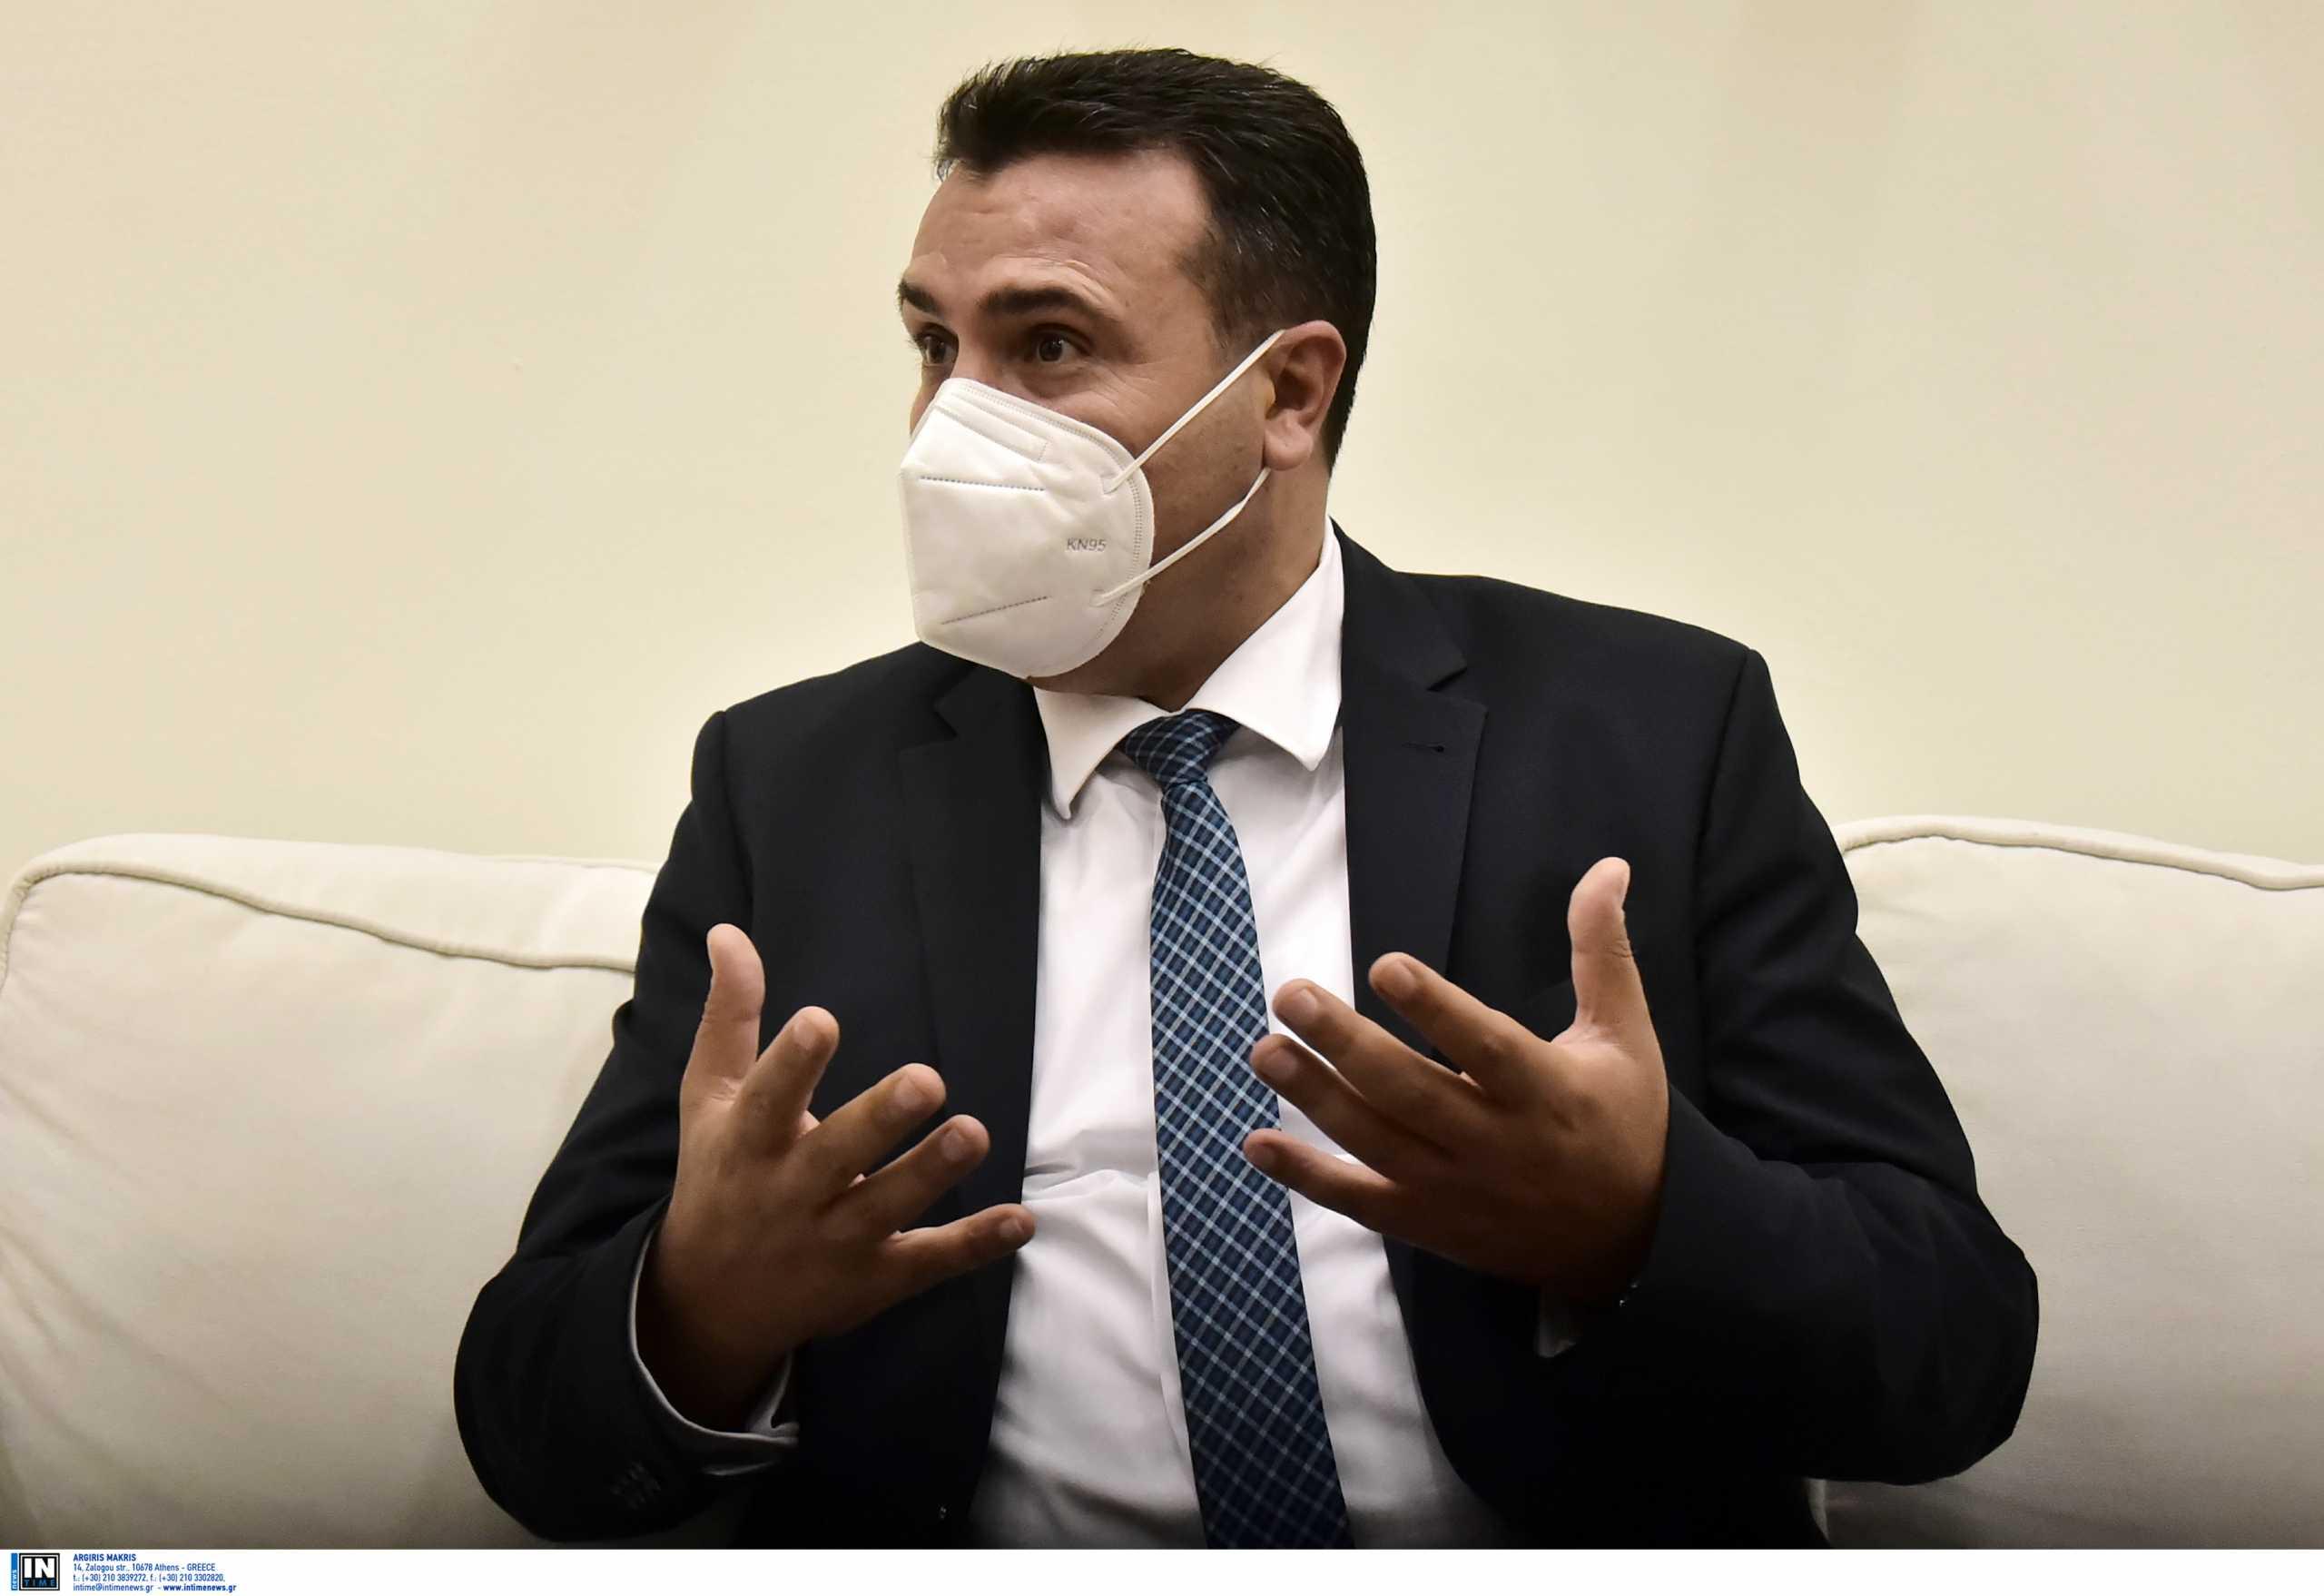 Βόρεια Μακεδονία: Ο Ζόραν Ζάεφ επανεξελέγη αρχηγός του Σοσιαλδημοκρατικού Κόμματος